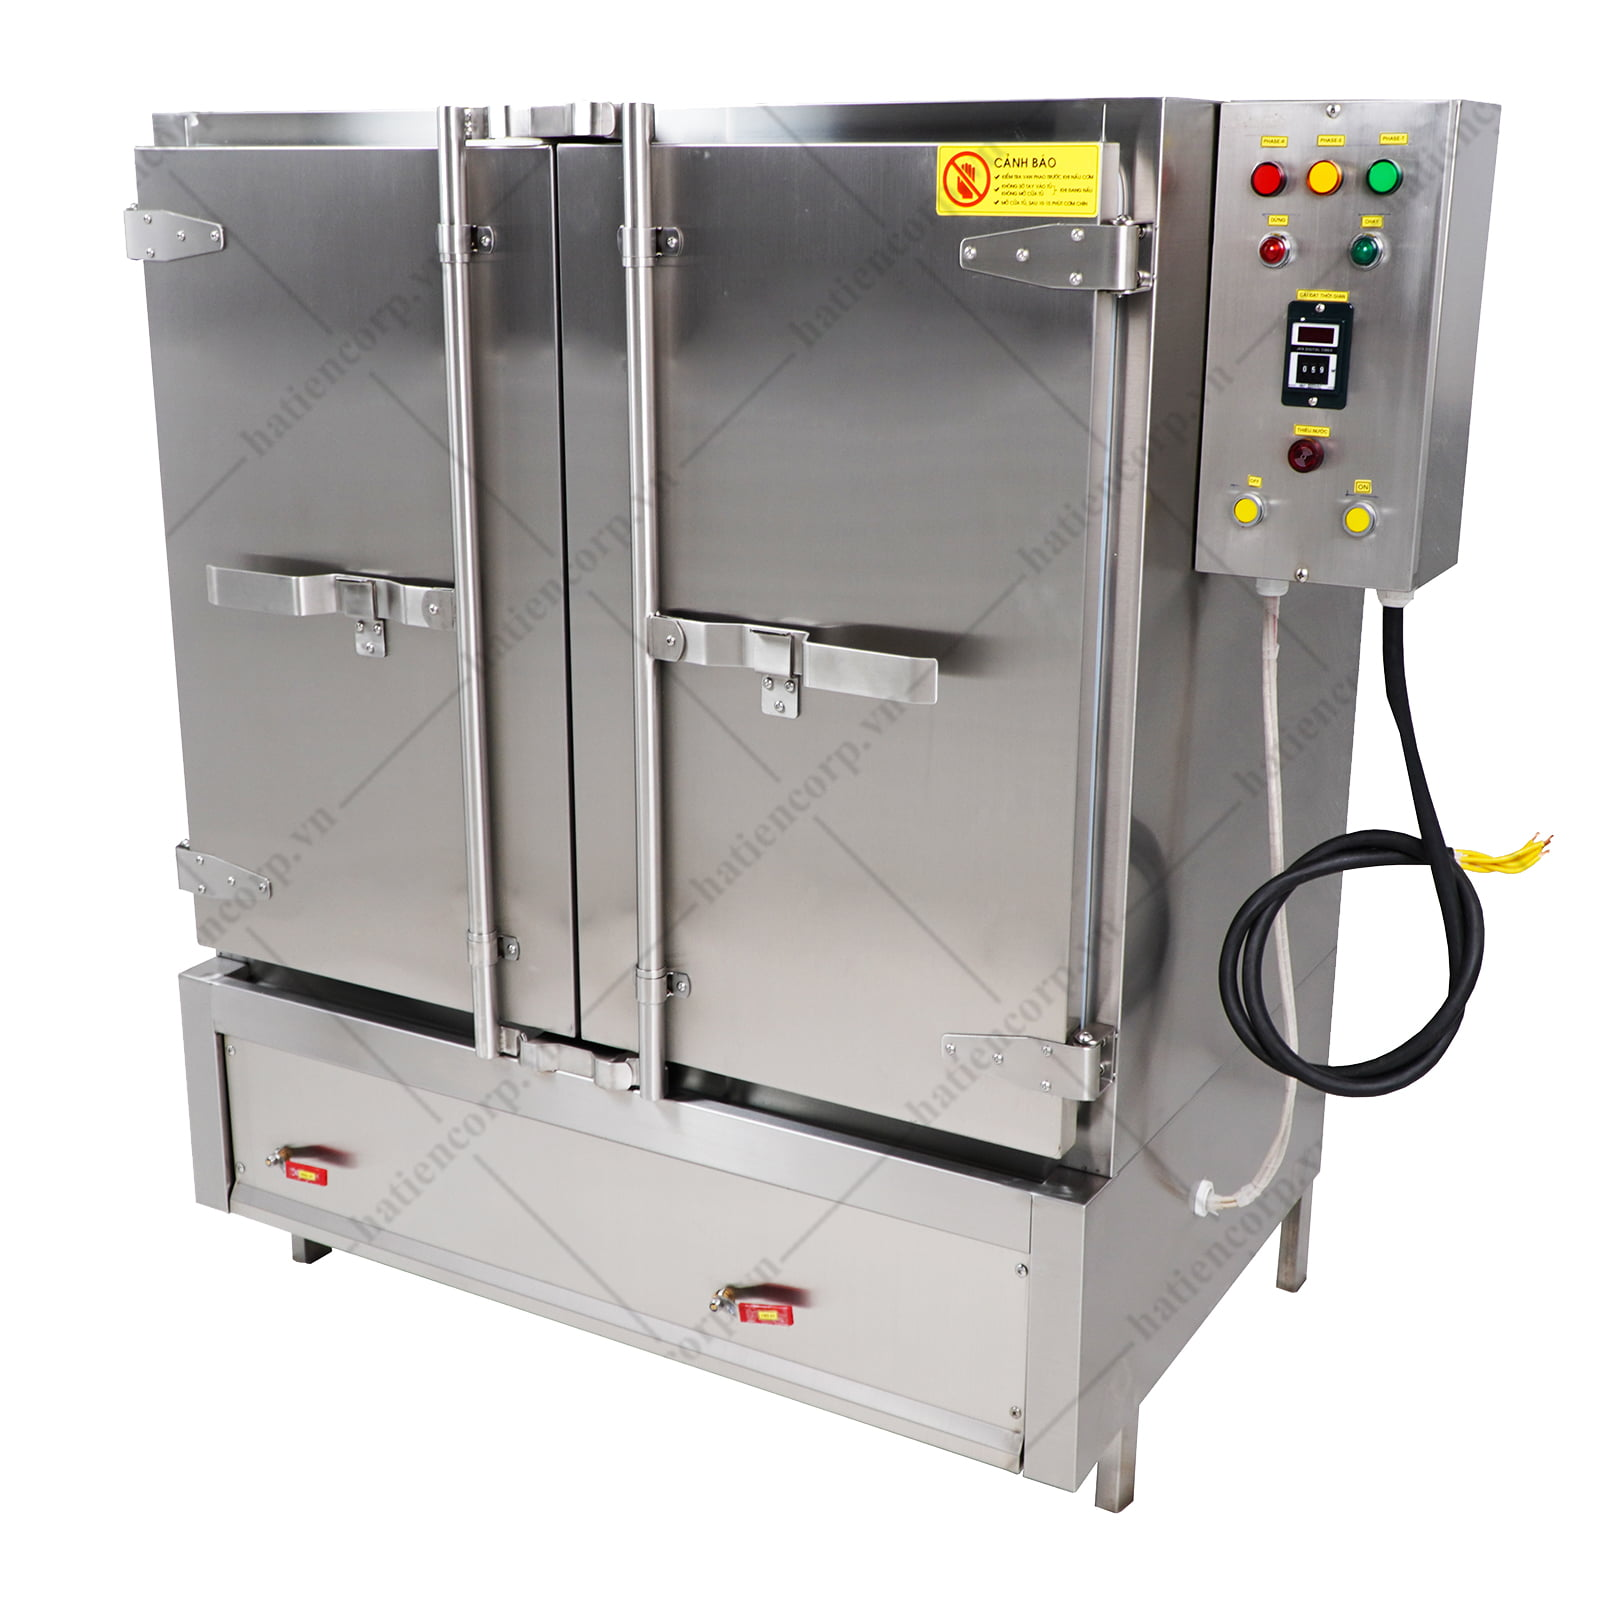 Tủ nấu cơm công nghiệp 100kg dùng gas và điện